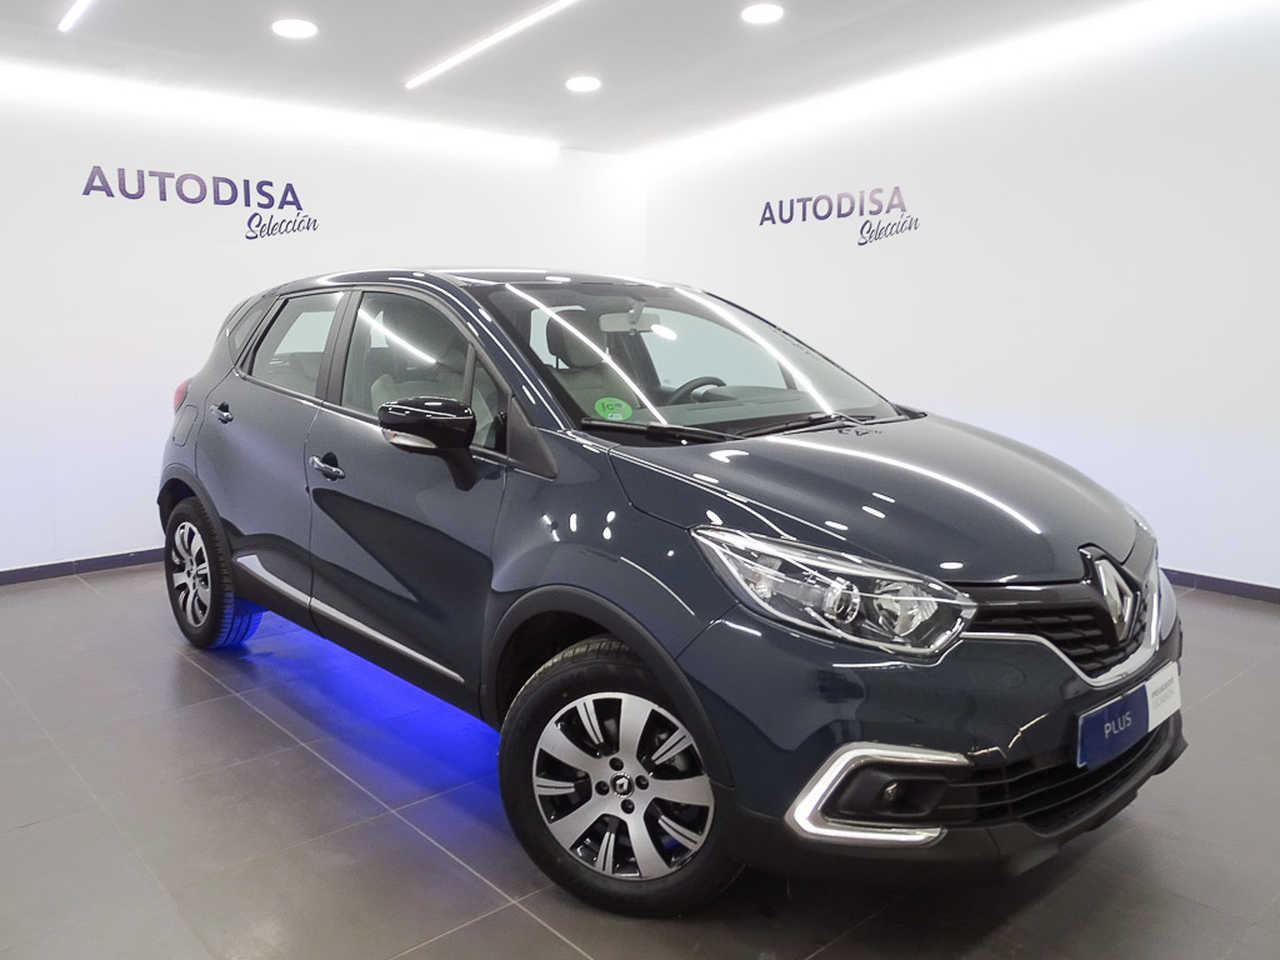 Renault Captur 1.5 DCI INTENS 90CV MT5 E6